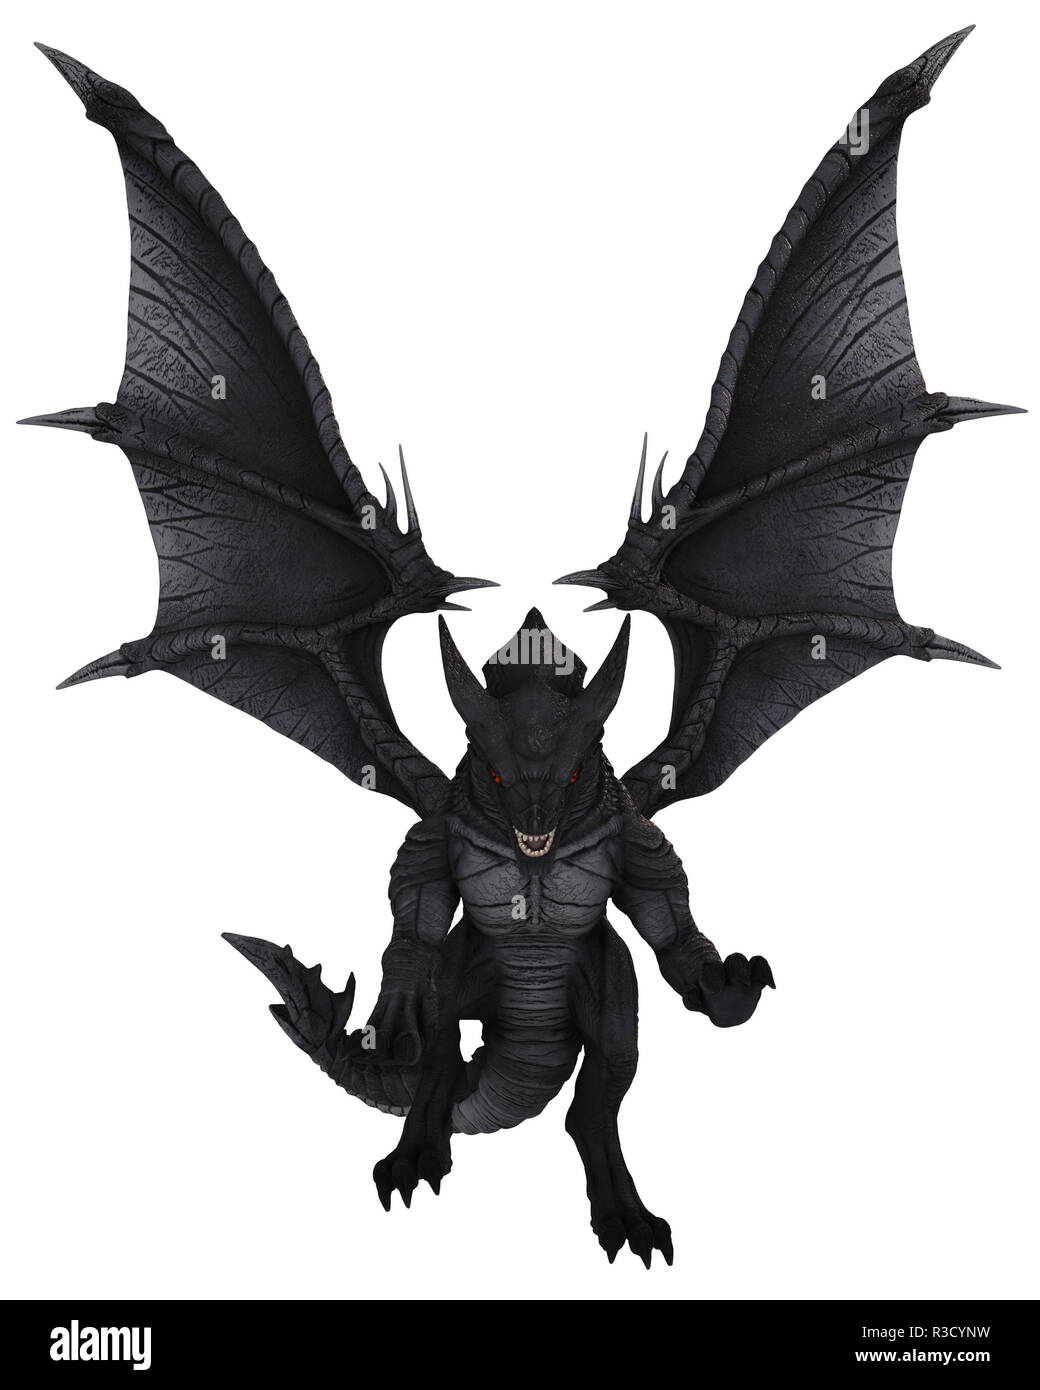 Riesiger schwarzer Monster